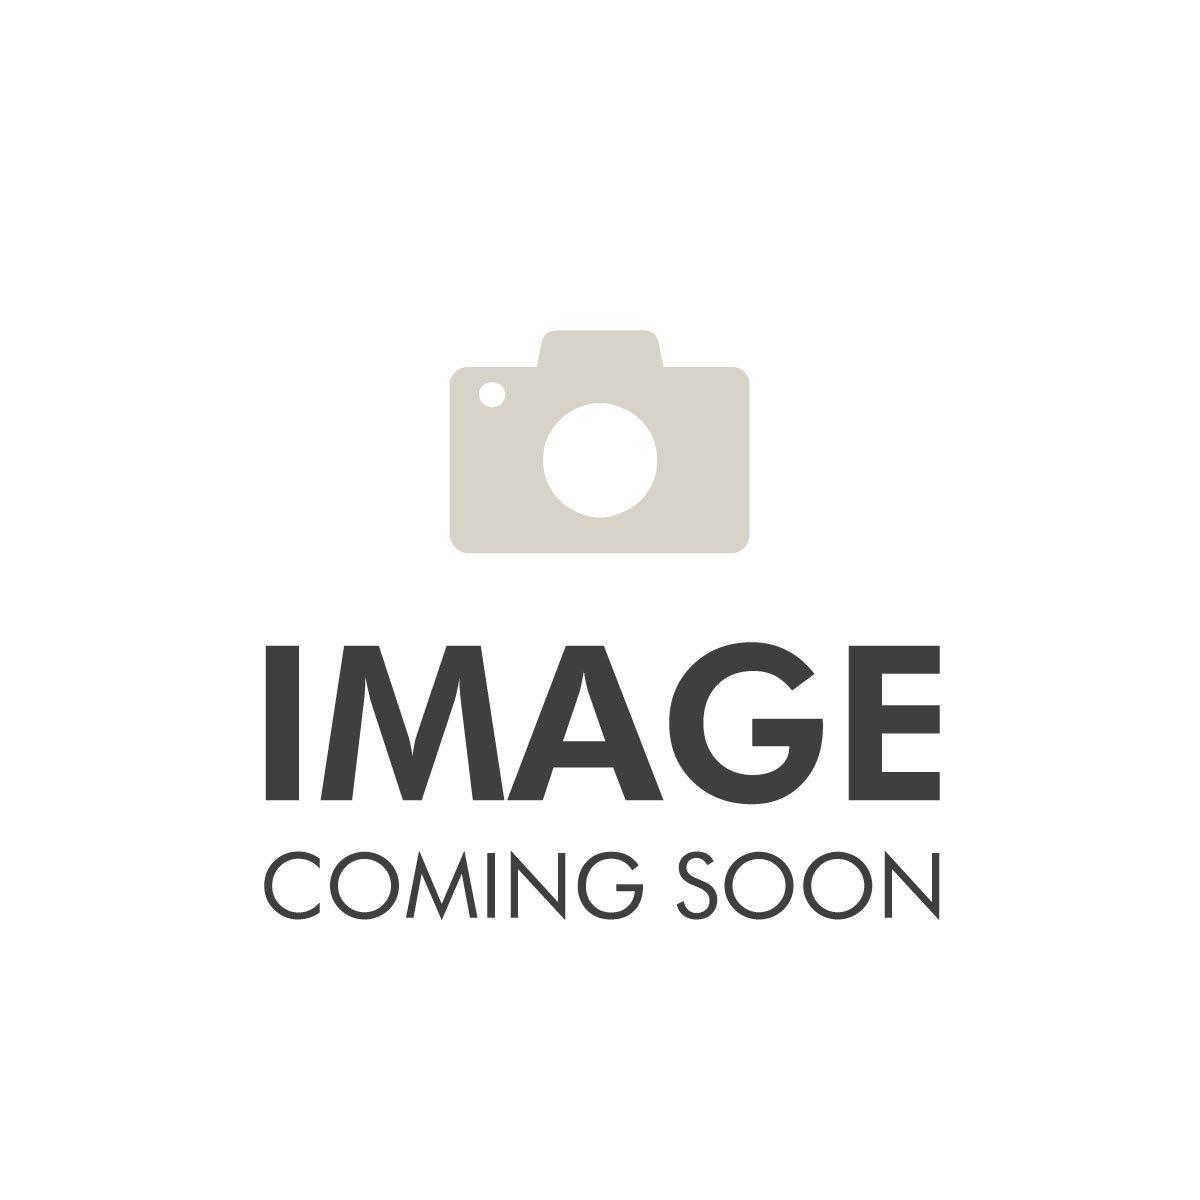 Prieur - Foil Lamé - Men - Previous Model - Stainless